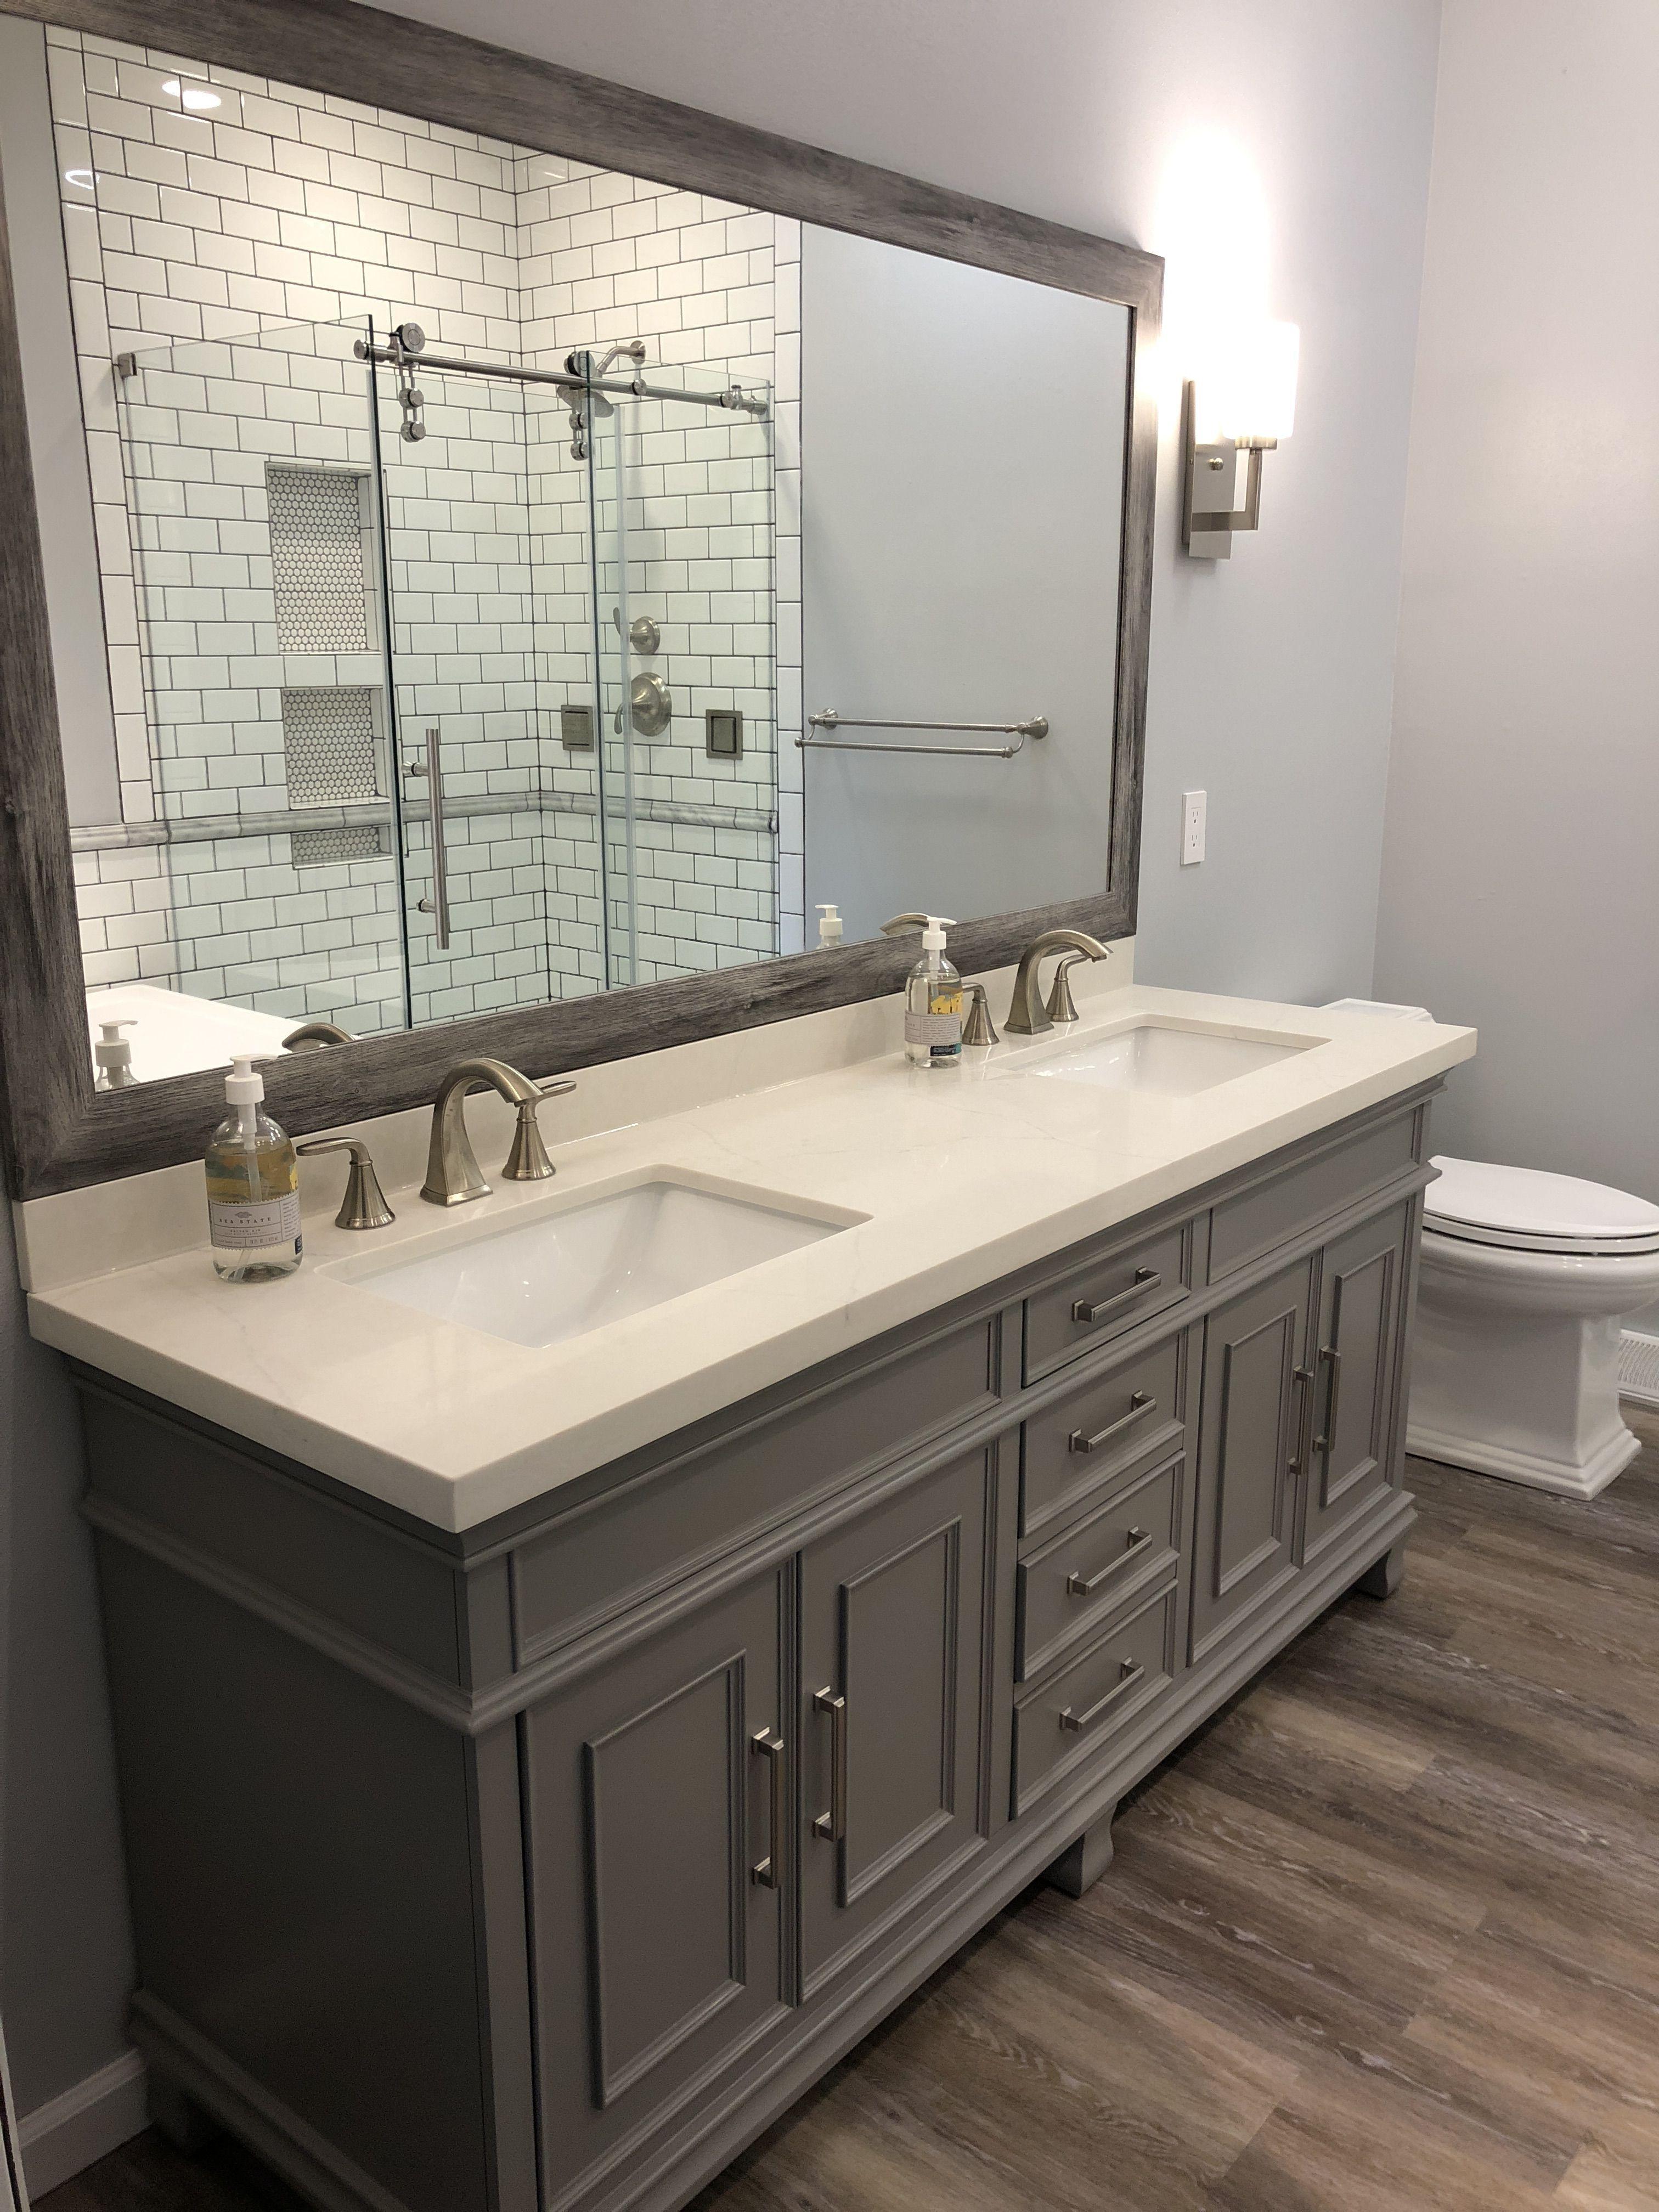 Top 10 Double Bathroom Vanity Design Ideas In 2019 Vanity Design